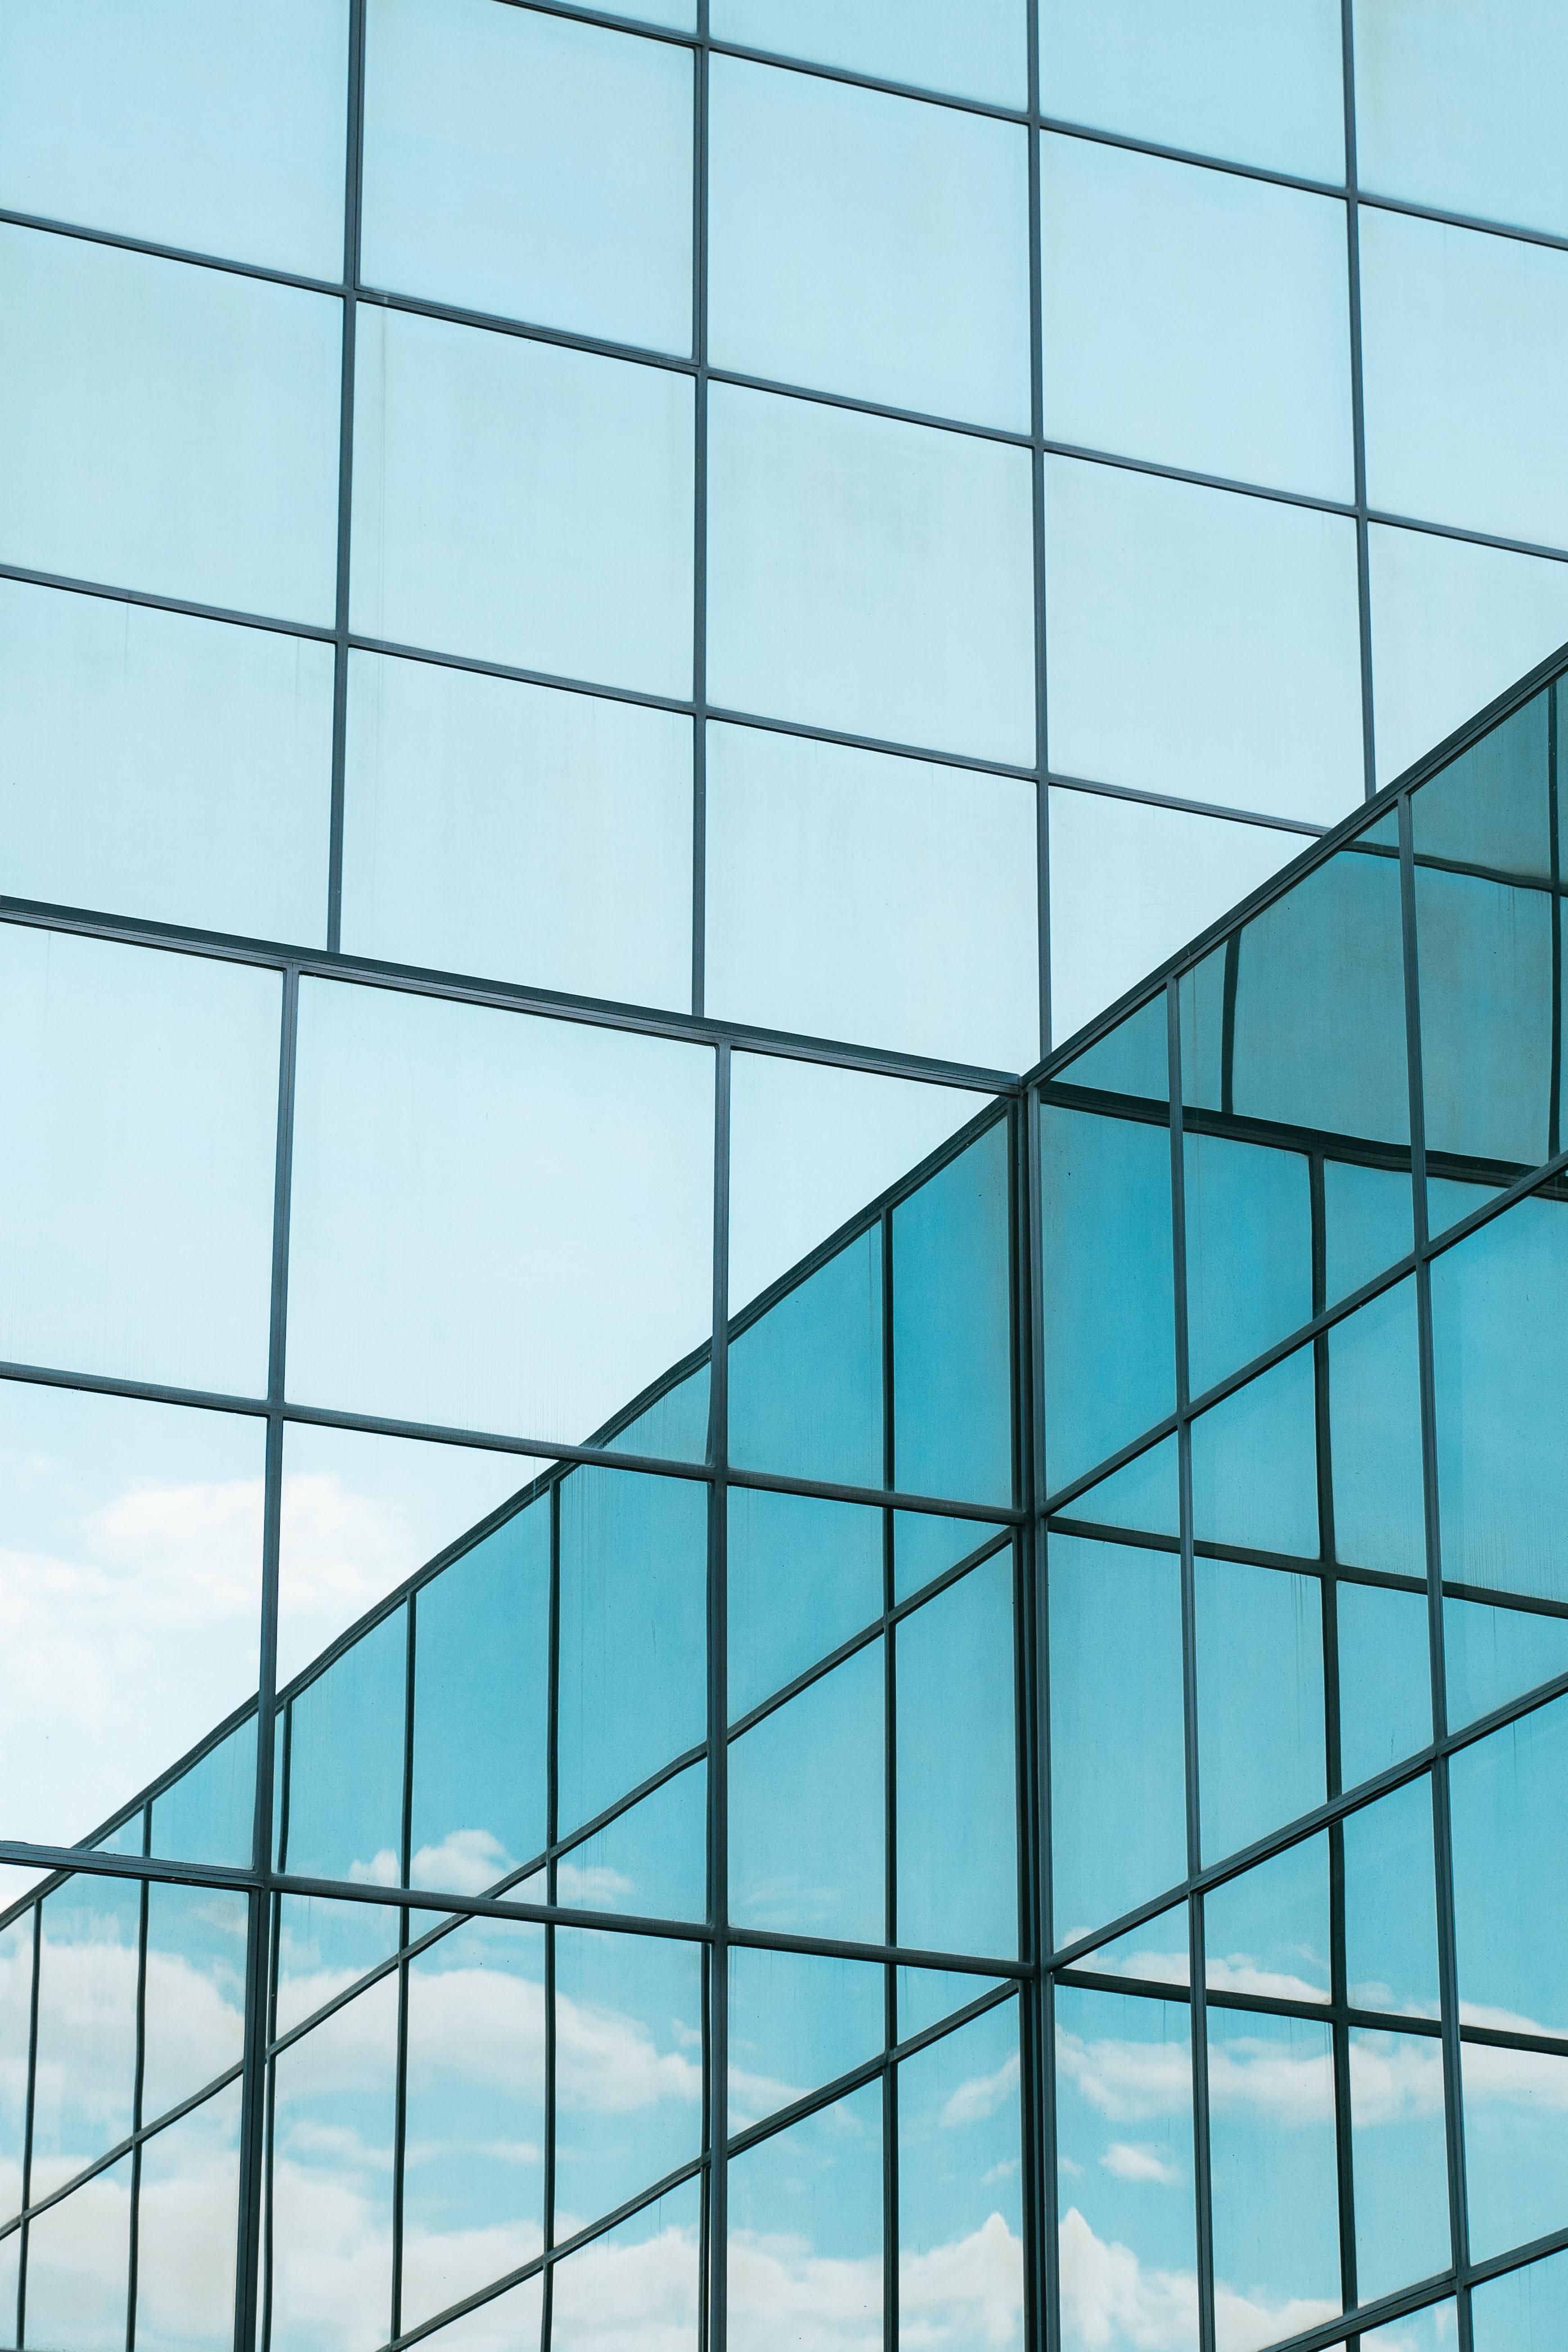 143205壁紙のダウンロードその他, 雑, 建物, ガラス, グラス, 反射, アーキテクチャ-スクリーンセーバーと写真を無料で